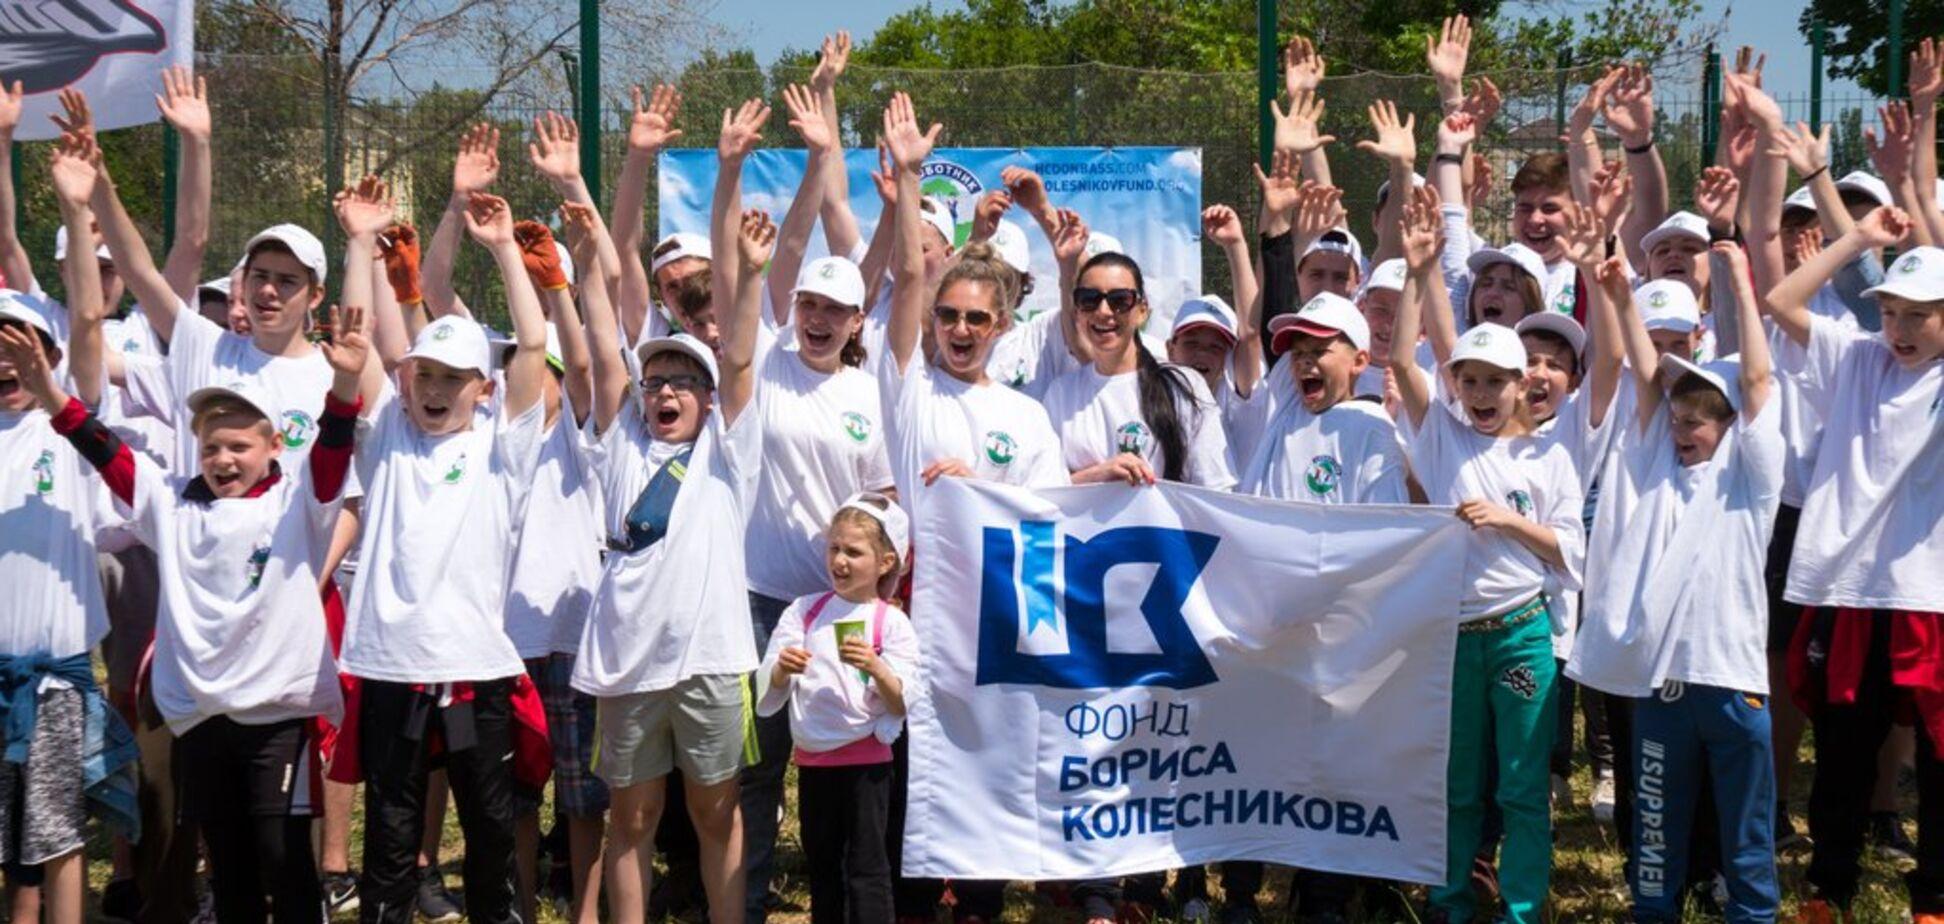 В День Европы Фонд Бориса Колесникова и ХК 'Донбасс' провели благотворительные субботники